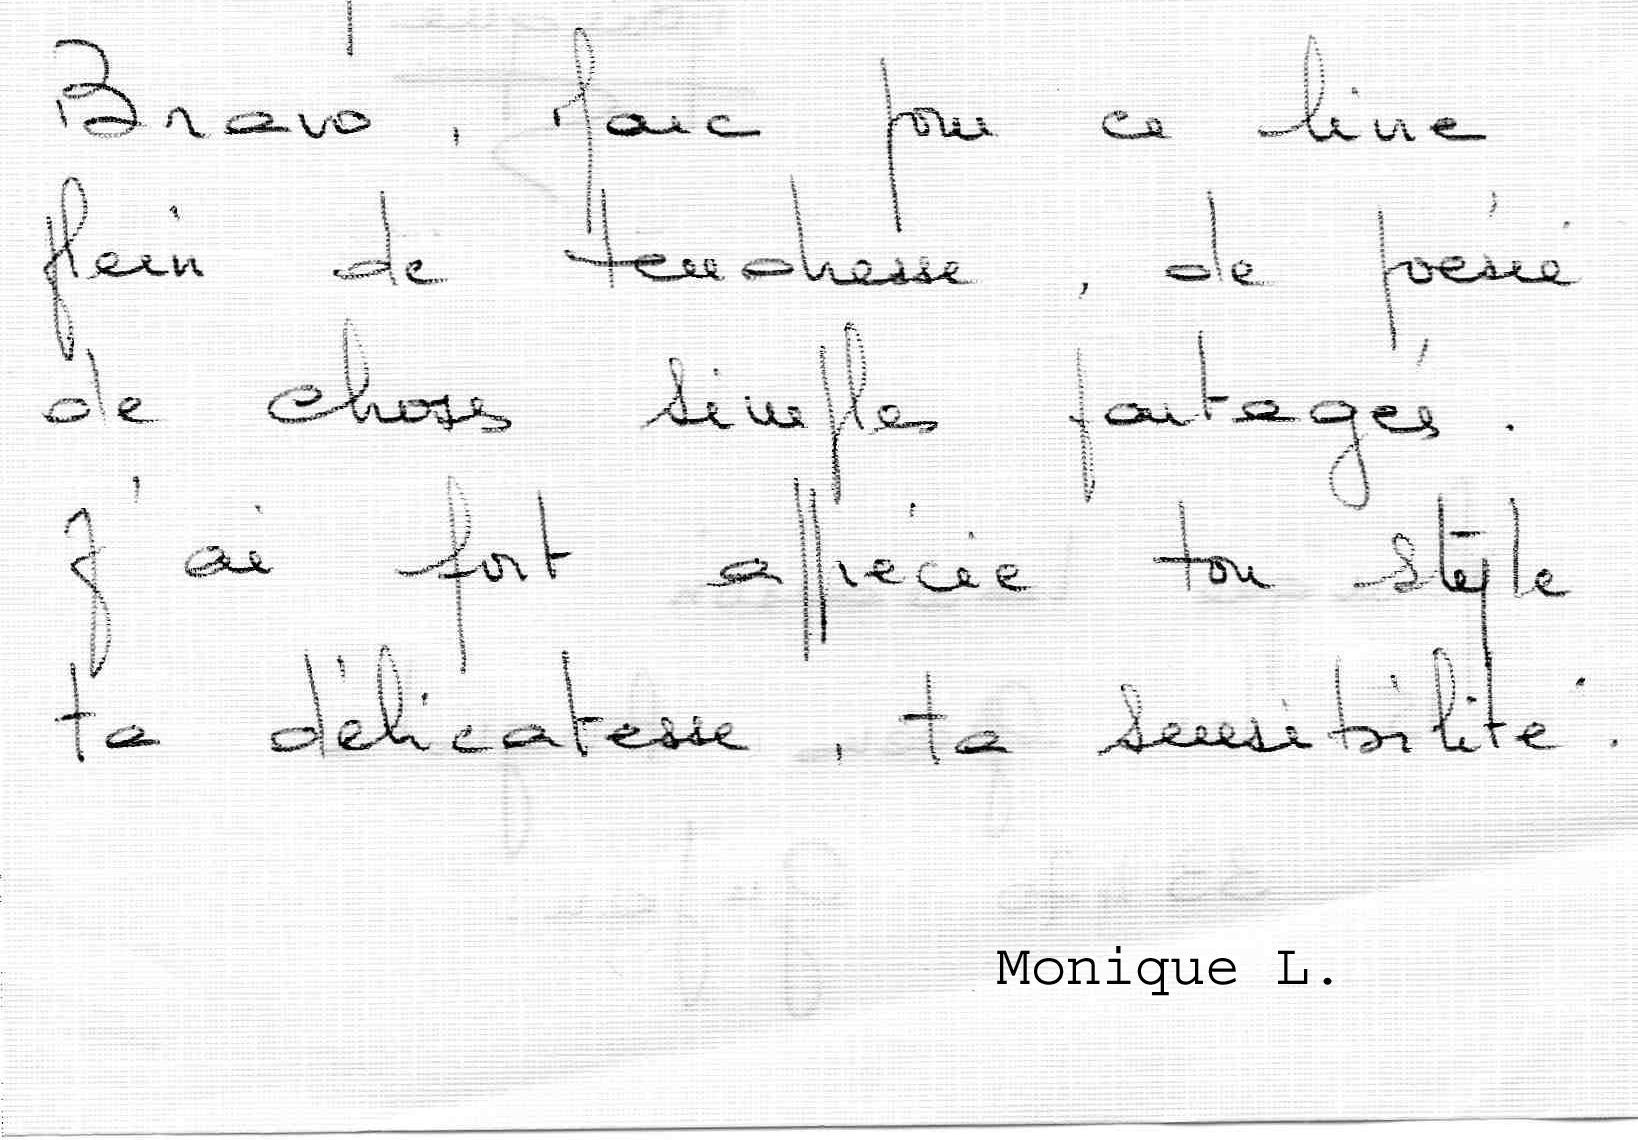 Monique L